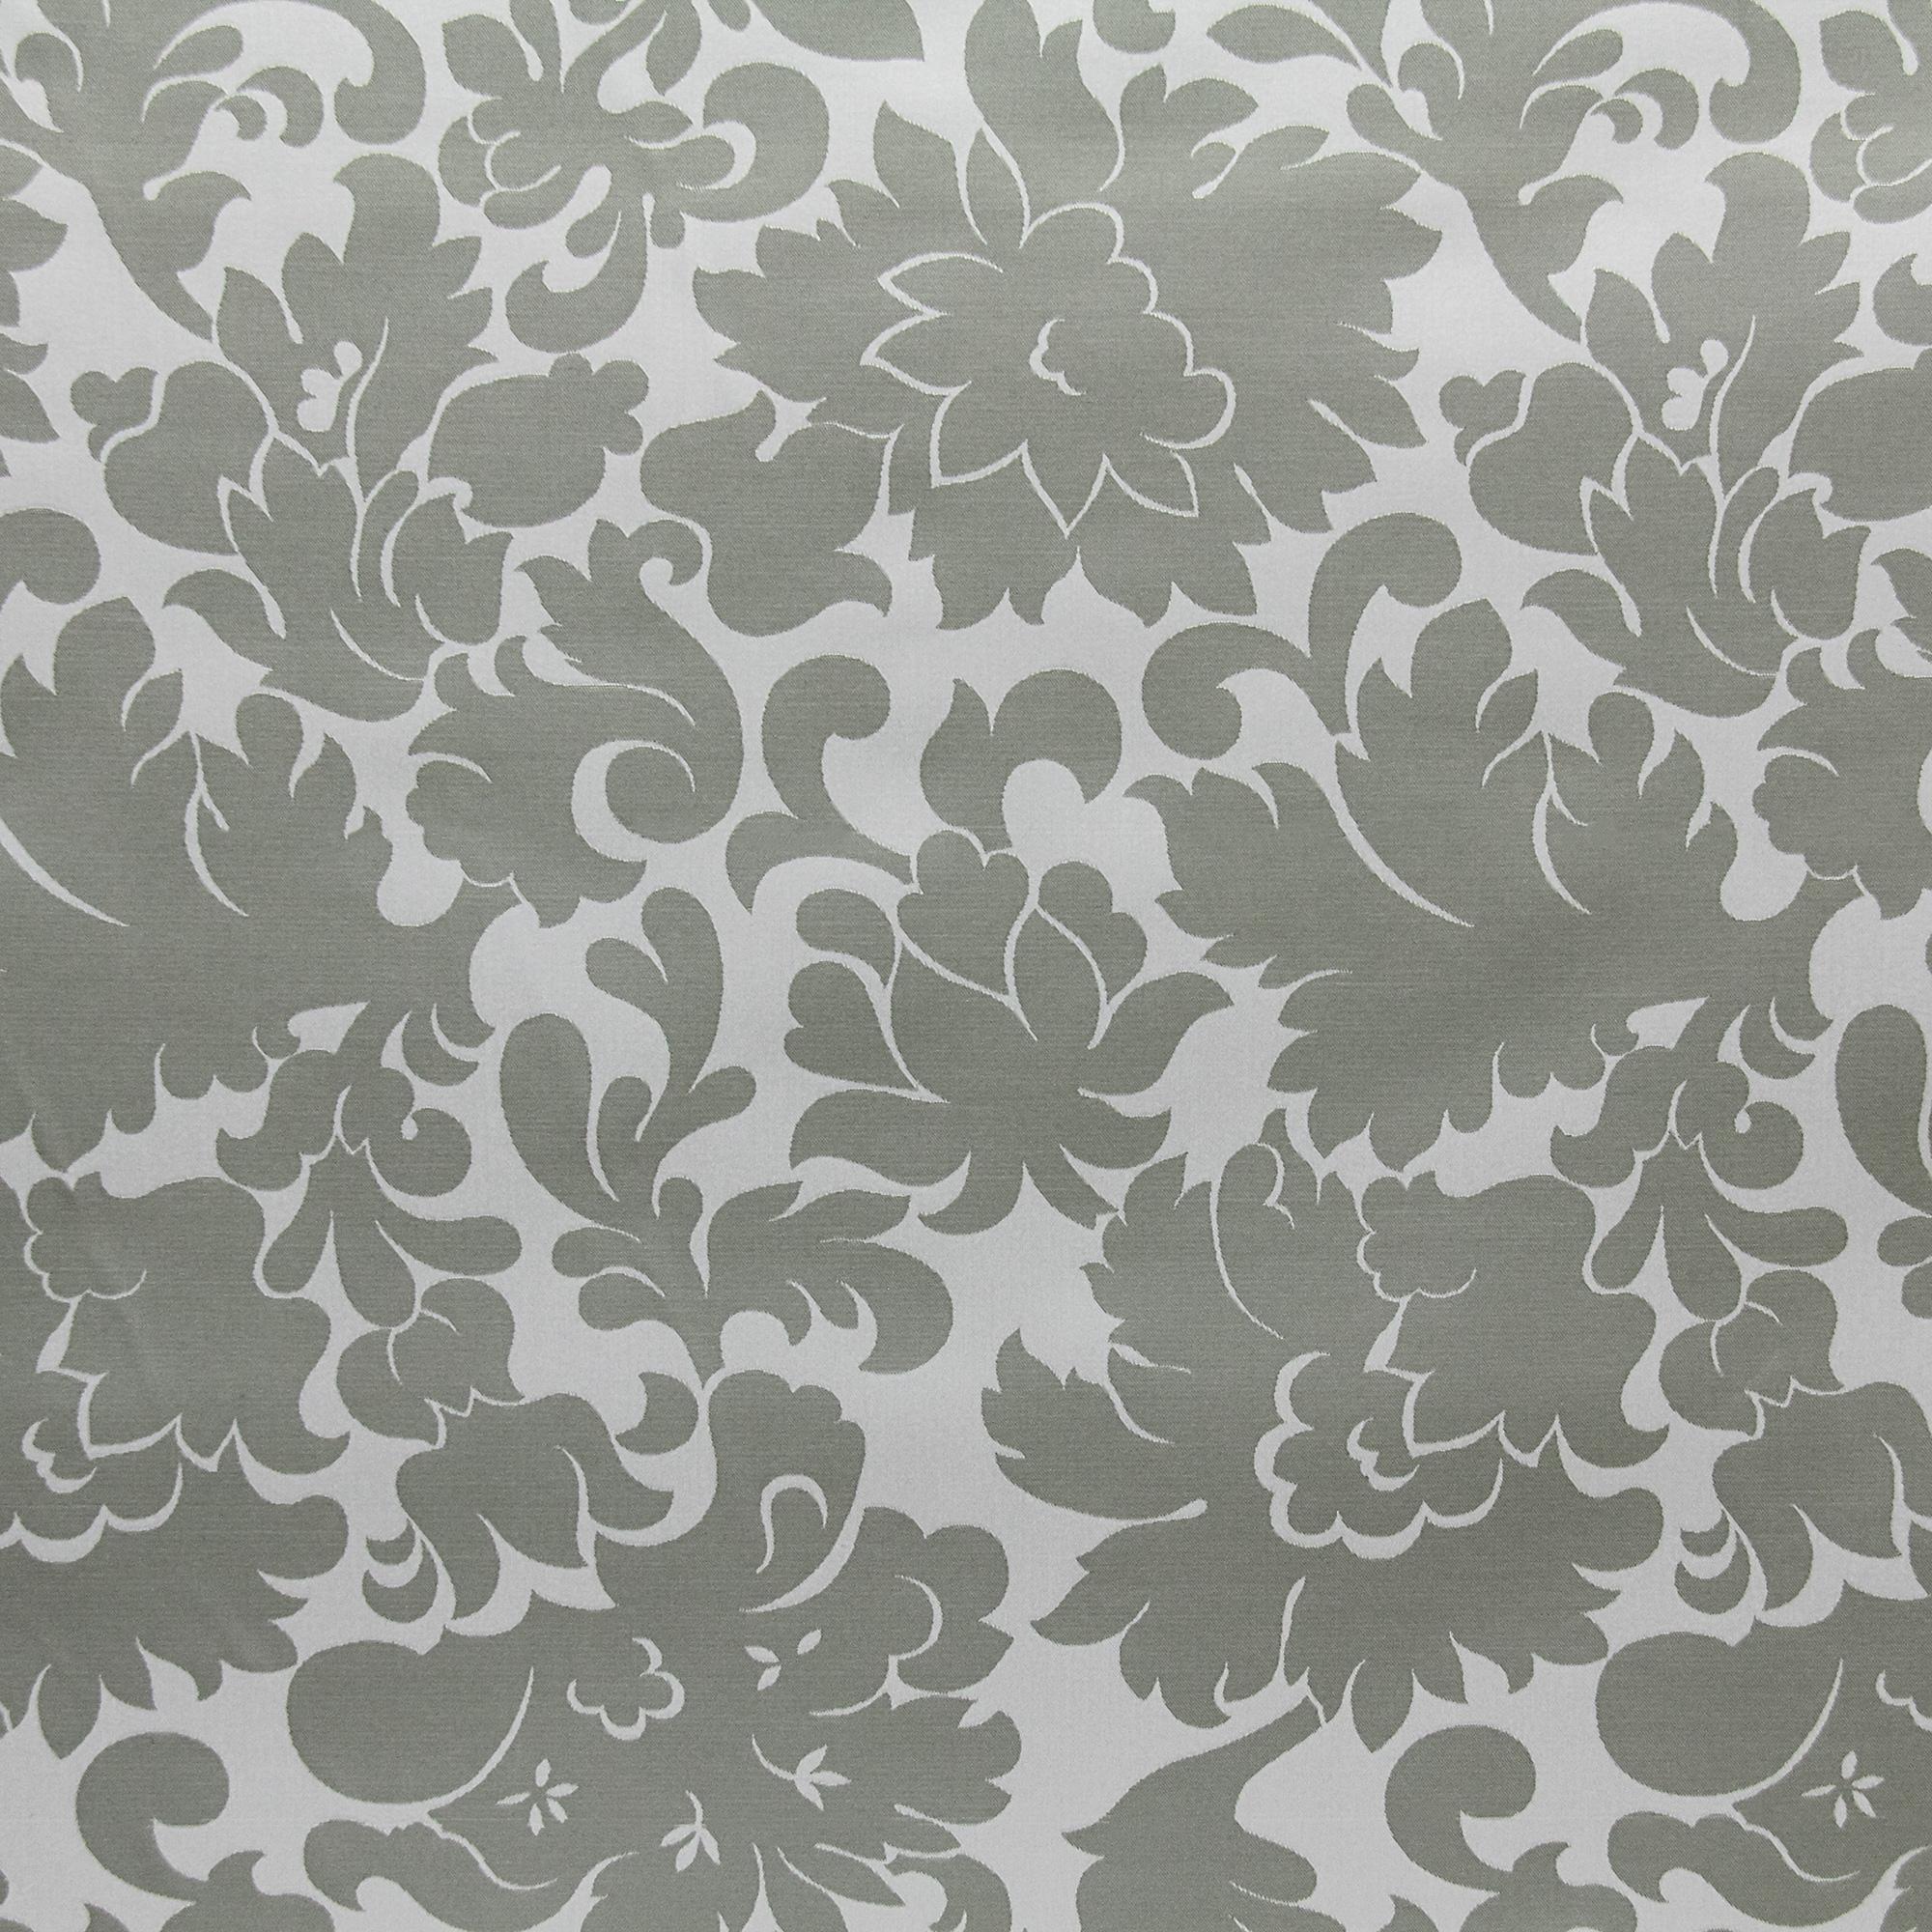 Скатерть рулонная Aitana textil sigla 160см фото